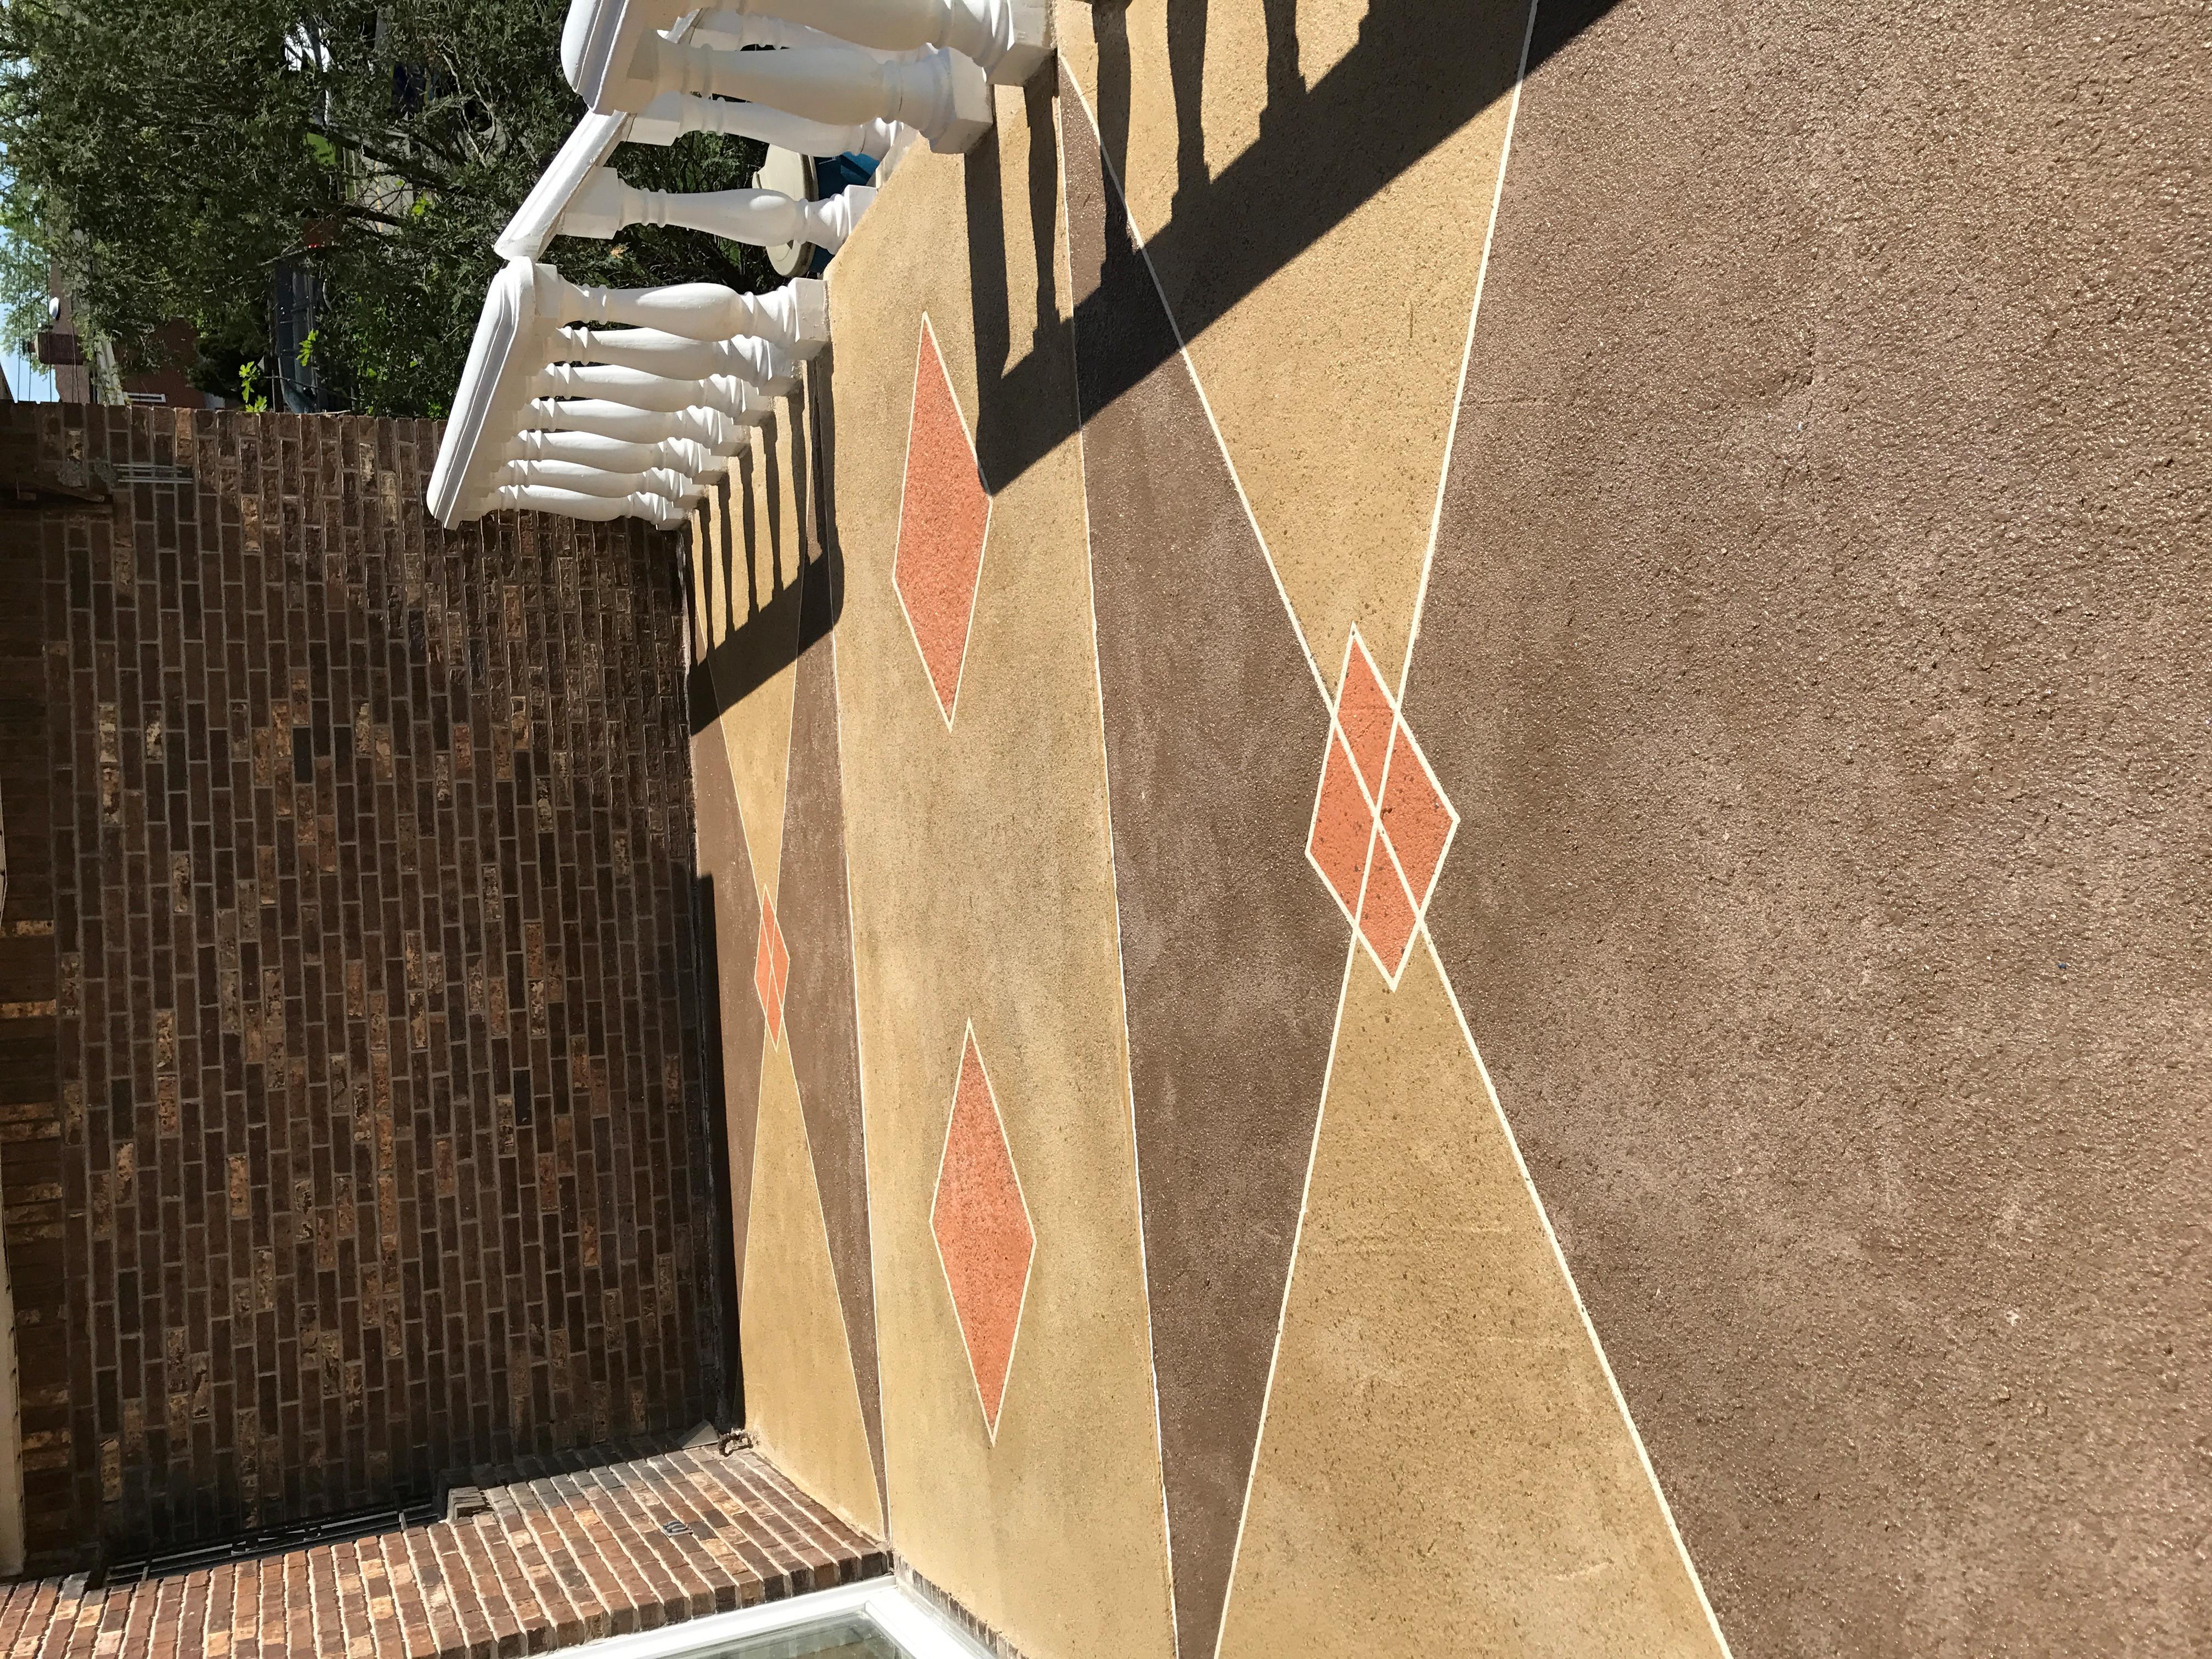 Turoc Concrete Designs image 31